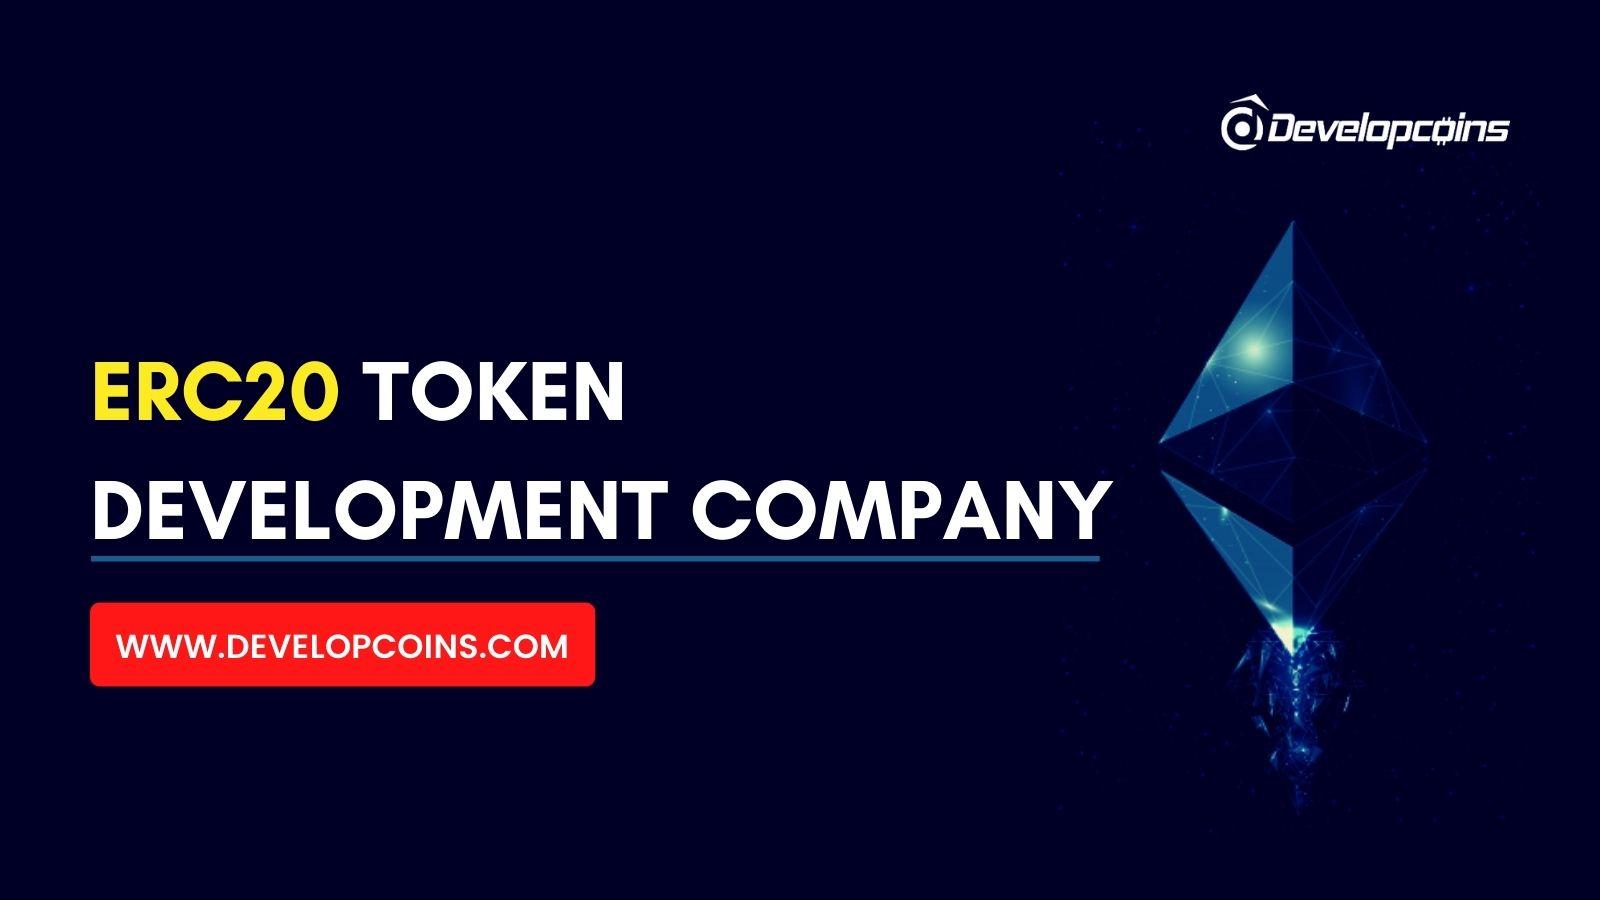 ERC20 Token Development Company | ERC20 Token Creation Services